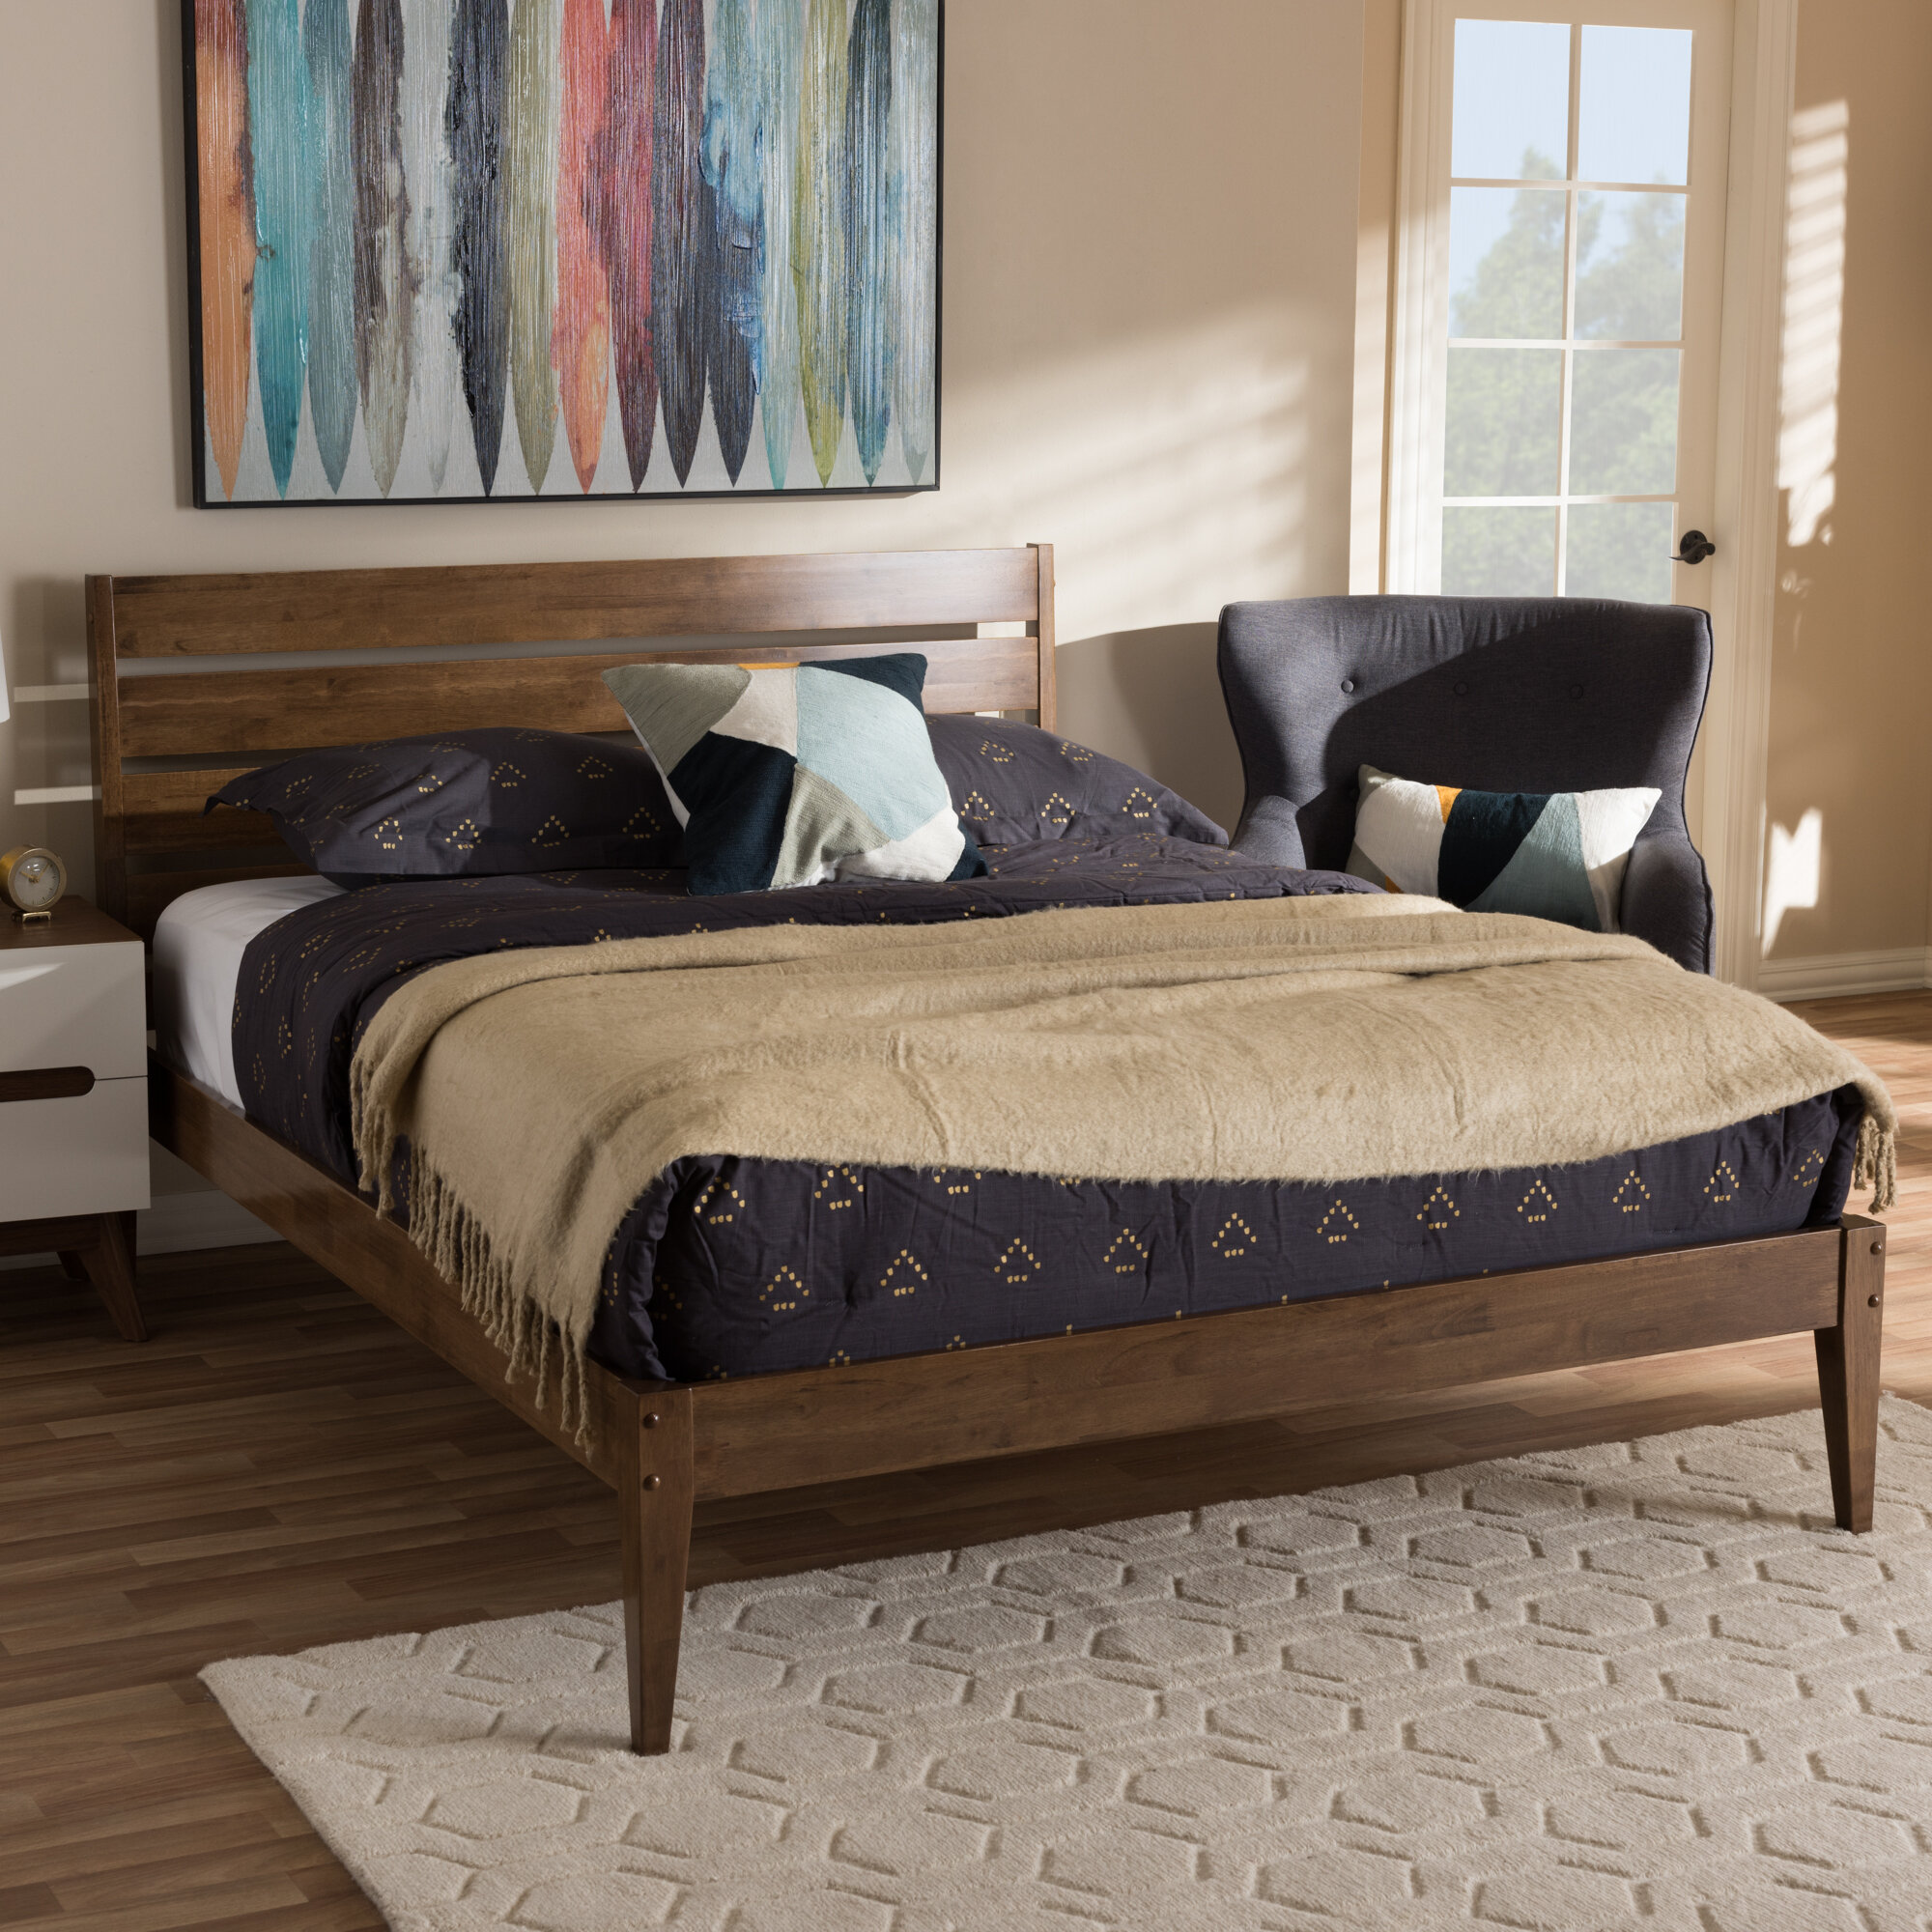 Adrienna Mid-Century Modern Platform Bed